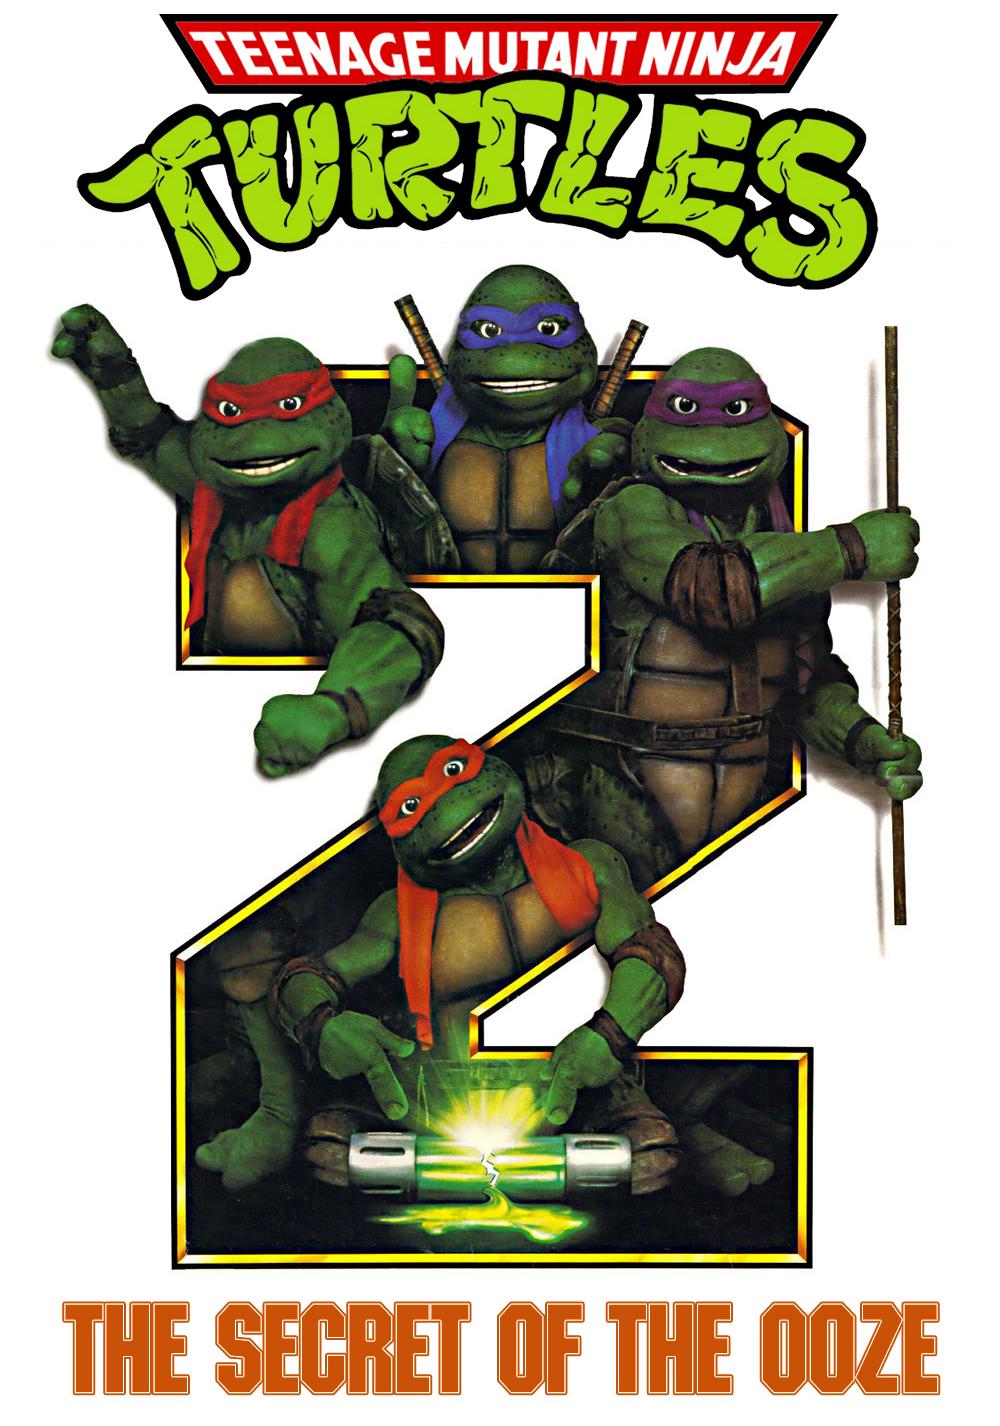 Teenage Mutant Ninja Turtles II: The Secret of the Ooze ...